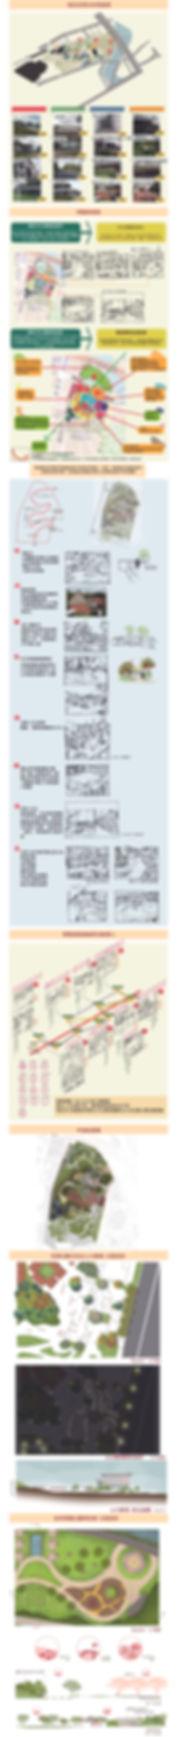 嶼滙-作品內容2.jpg